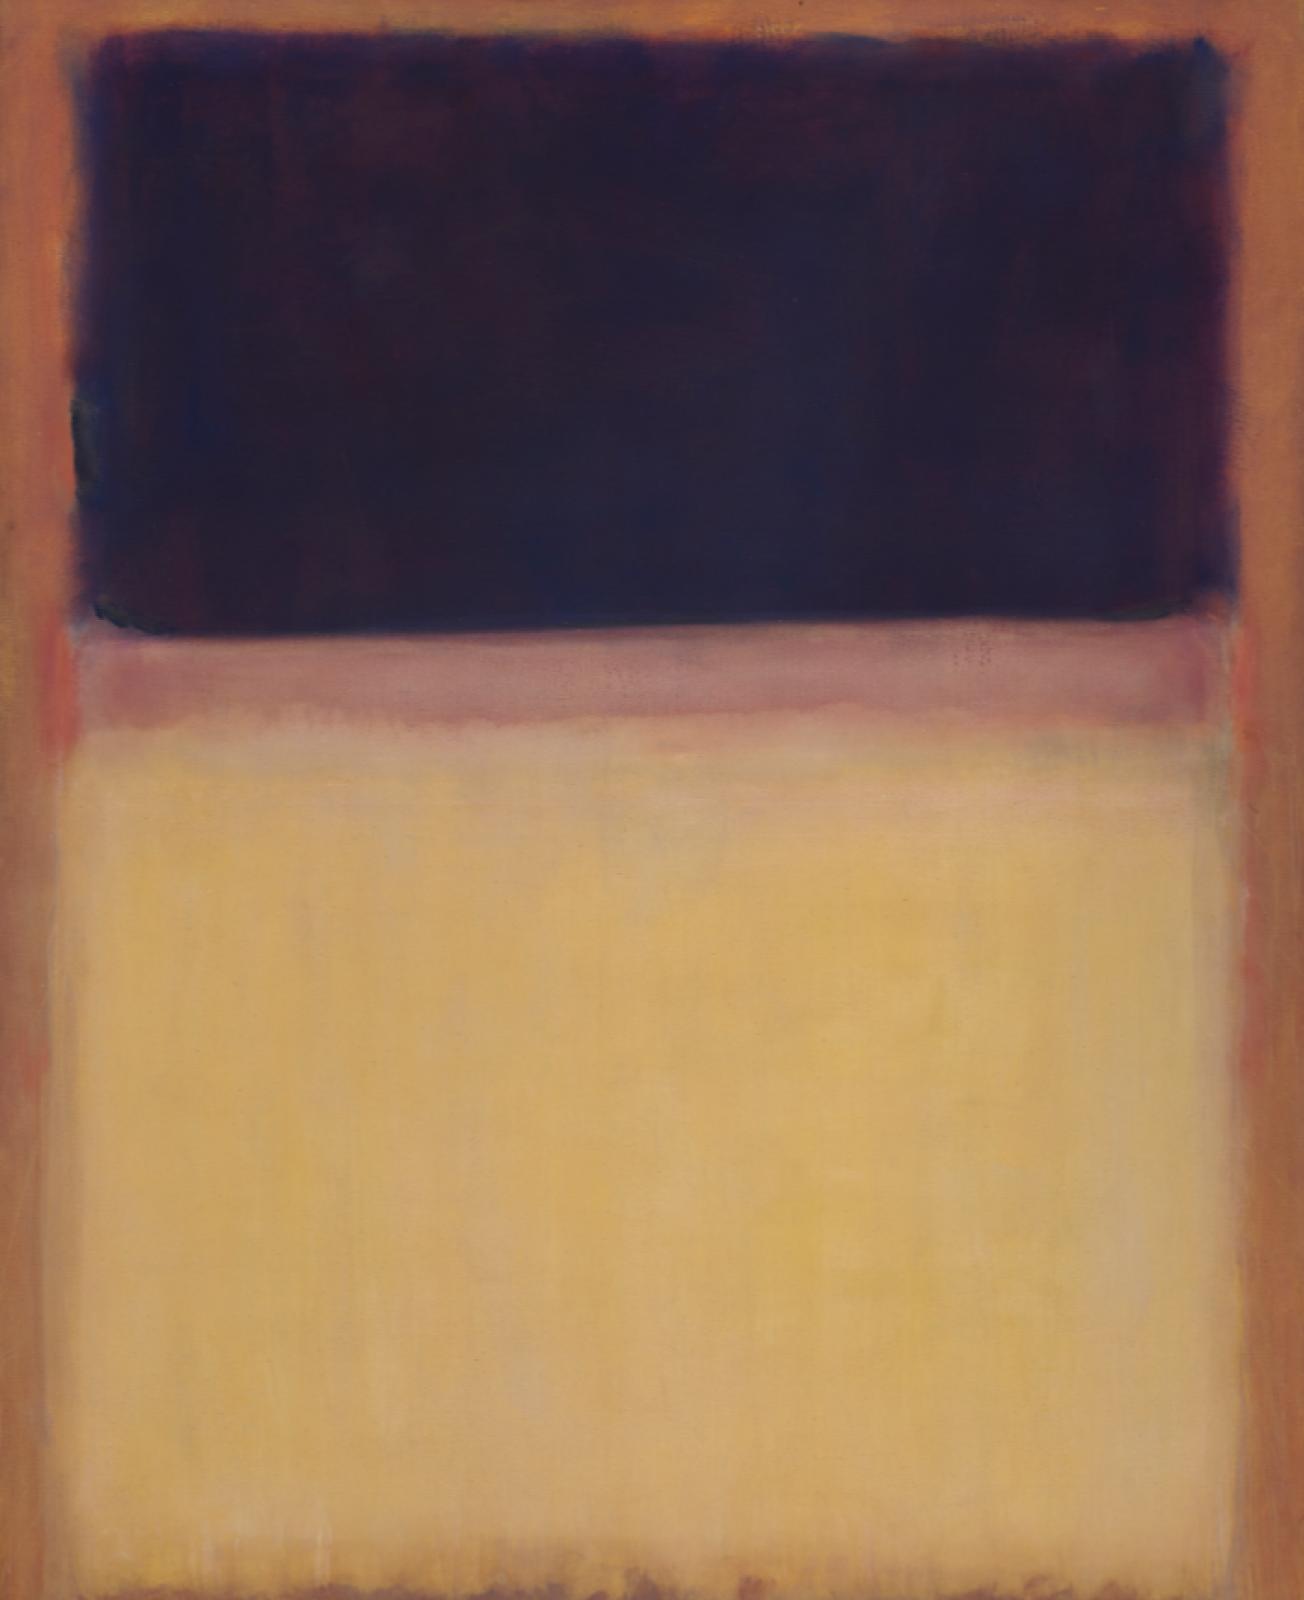 Марк Ротко. № 9 (Темный на светлом землистом, фиолетовый и желтый на розовом)